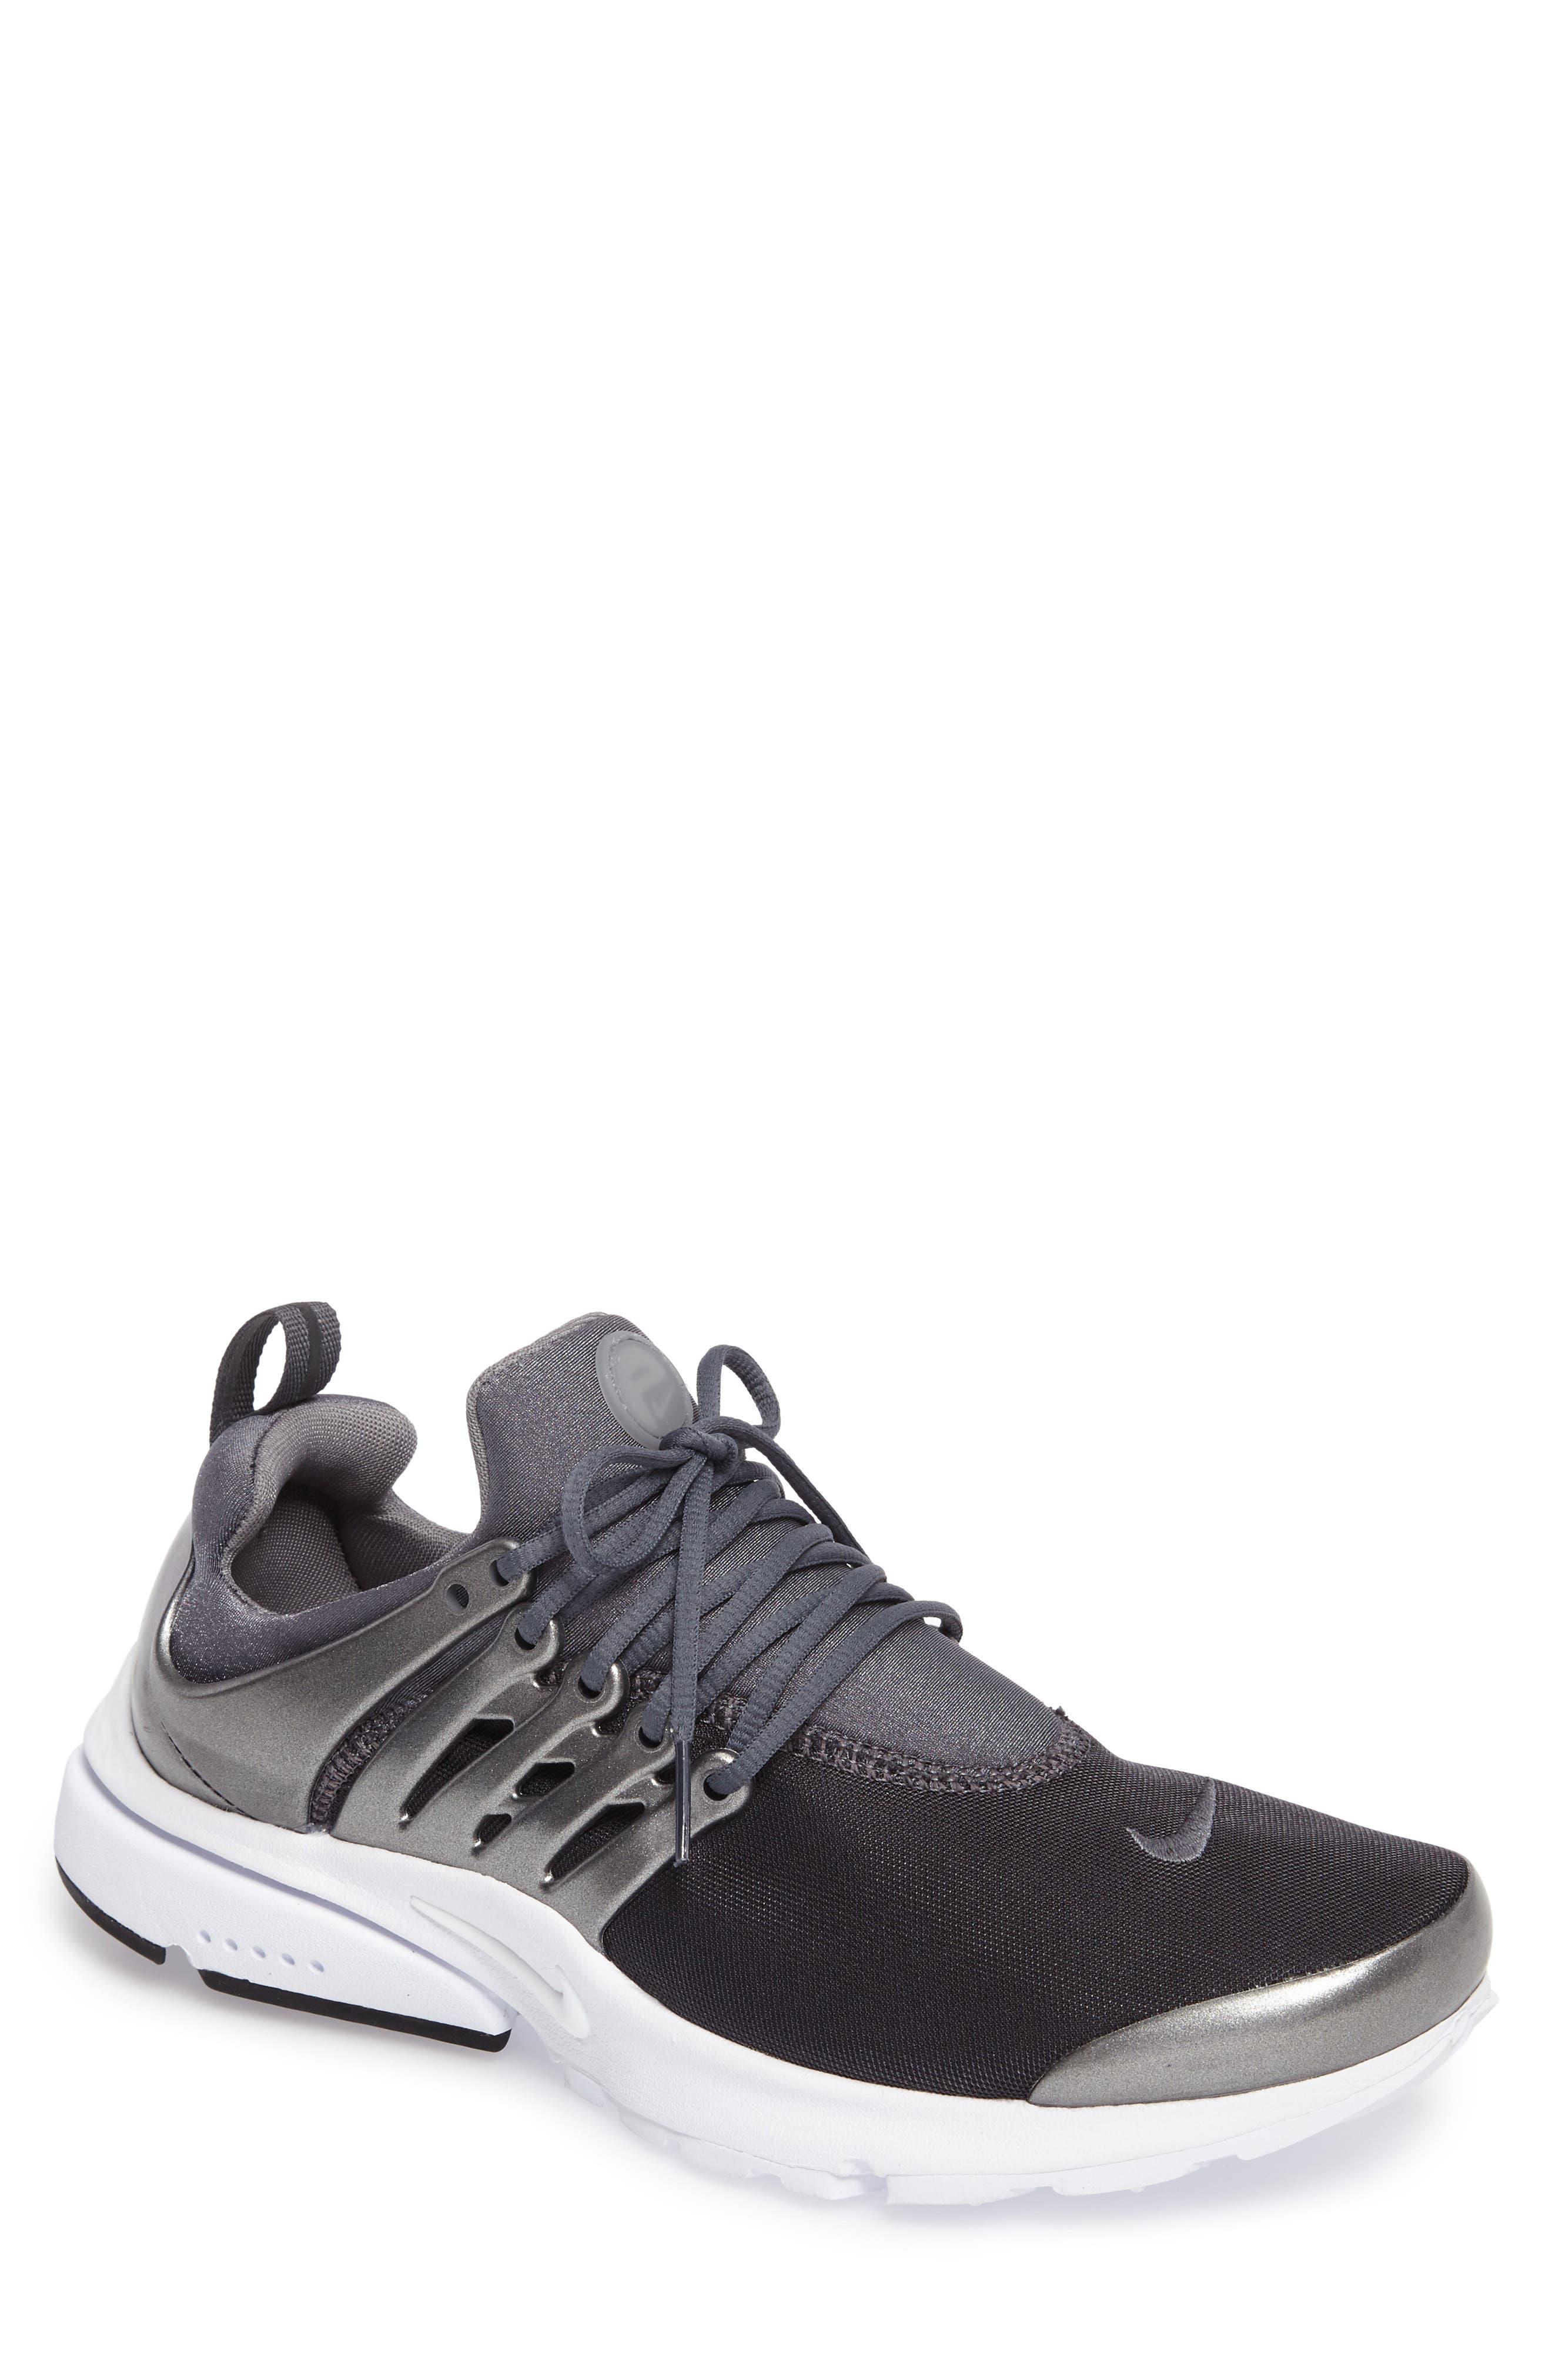 Air Presto Premium Sneaker,                             Main thumbnail 1, color,                             Metallic Hematite/ Cool Grey